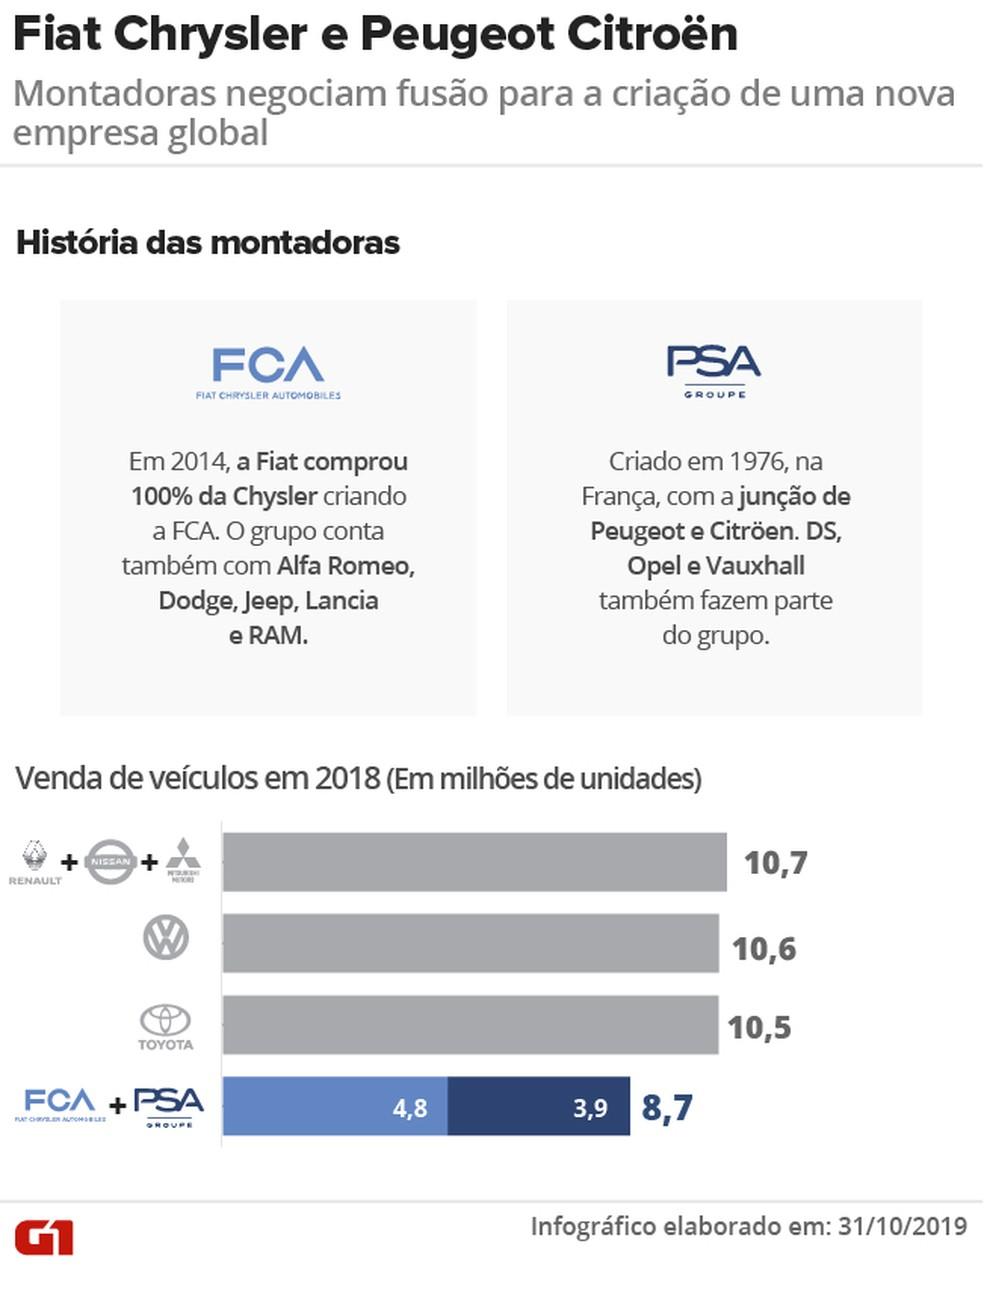 FCA e PSA formariam o quarto maior grupo automotivo do mundo — Foto: Arte: Aparecido Gonçalves / G1